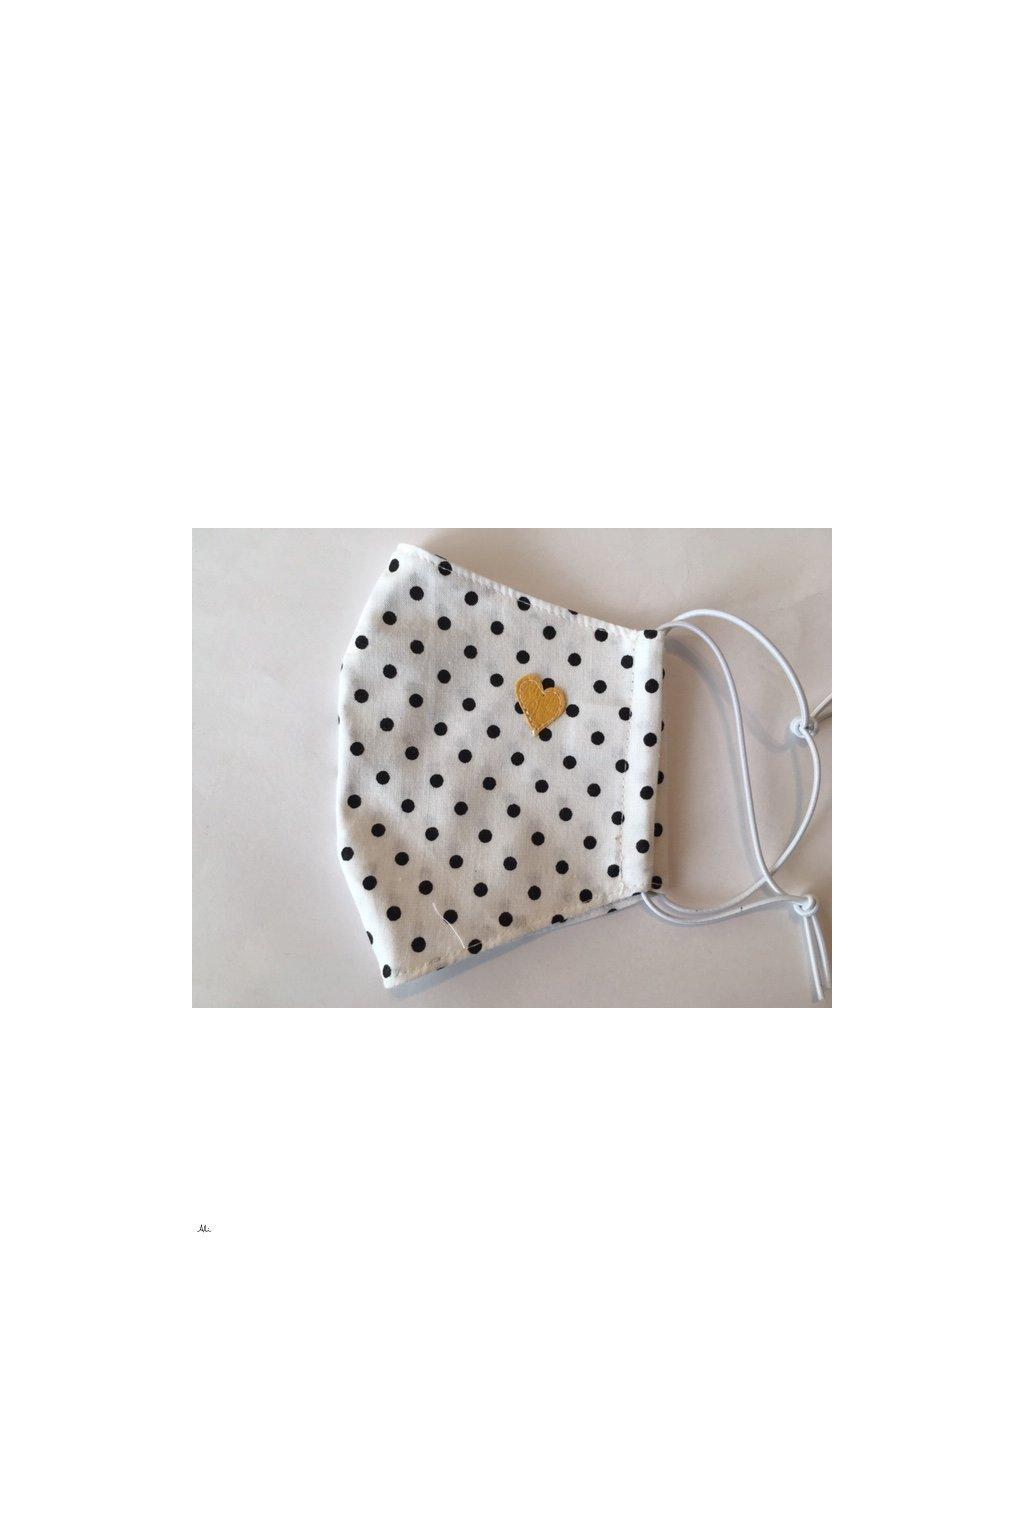 Dámská rouška, ústenka s možností vložení filtru